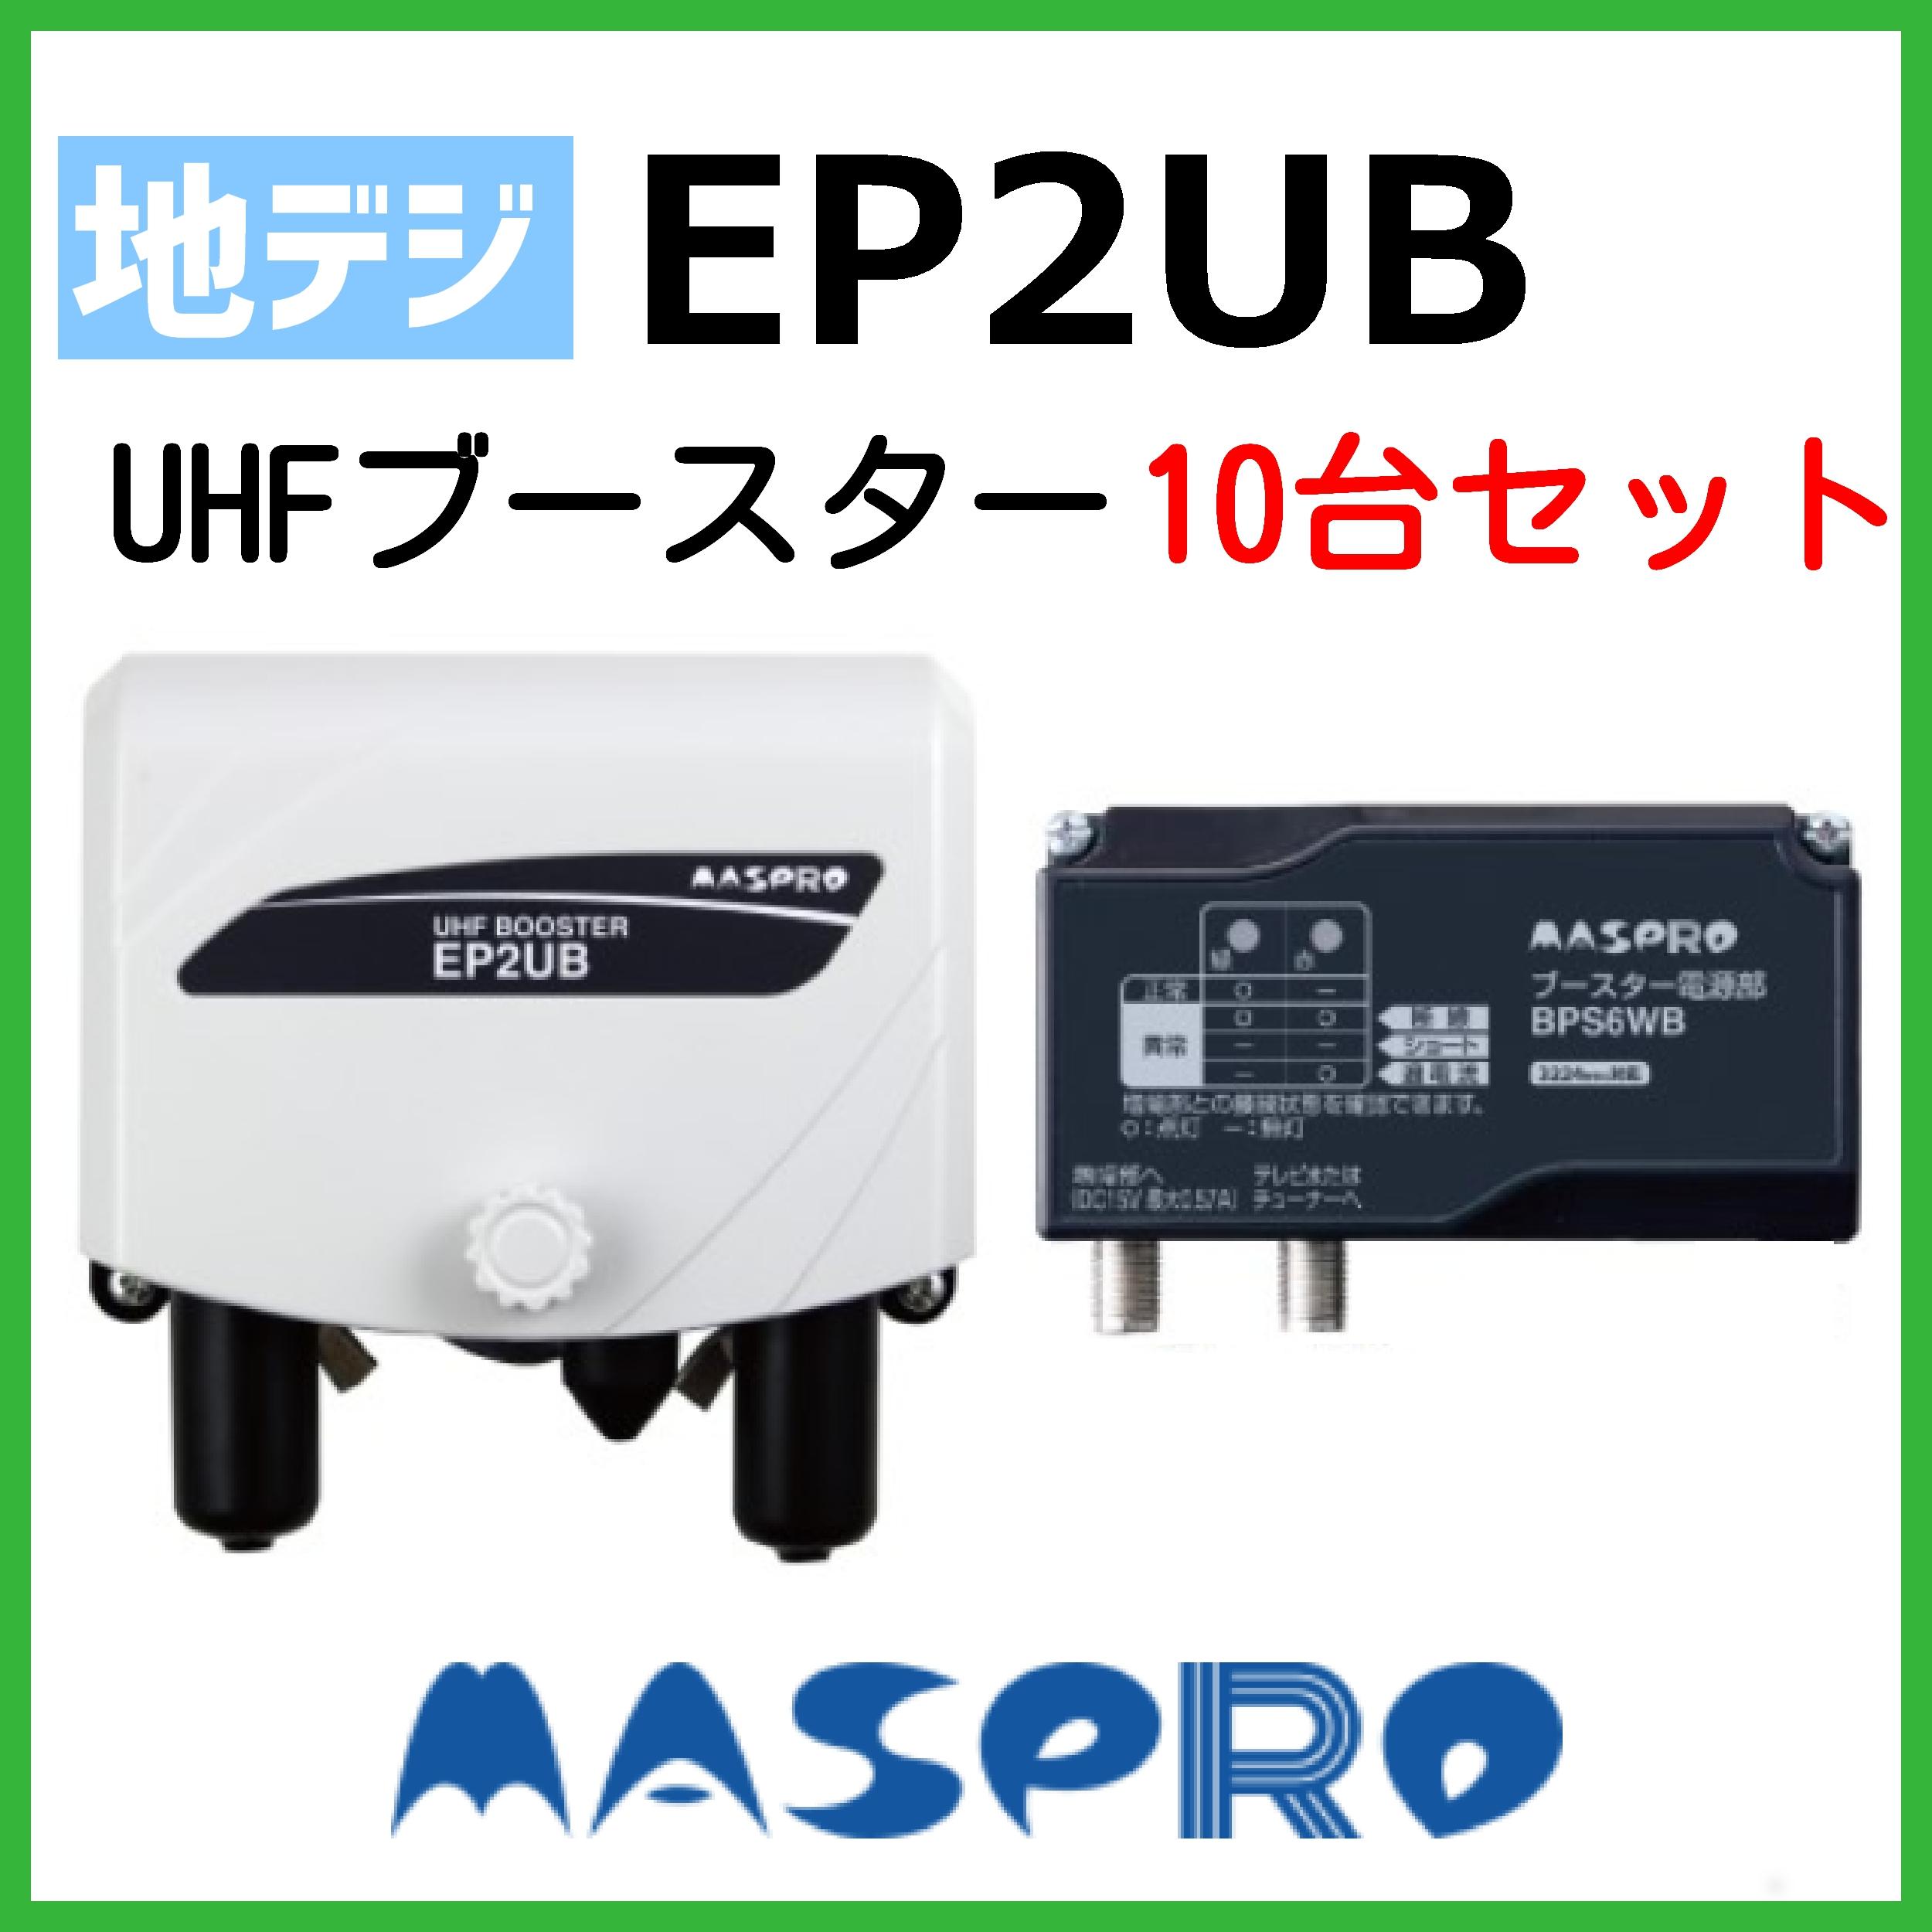 【超お買い得!】マスプロ UHFブースター EP2UB 10台セット